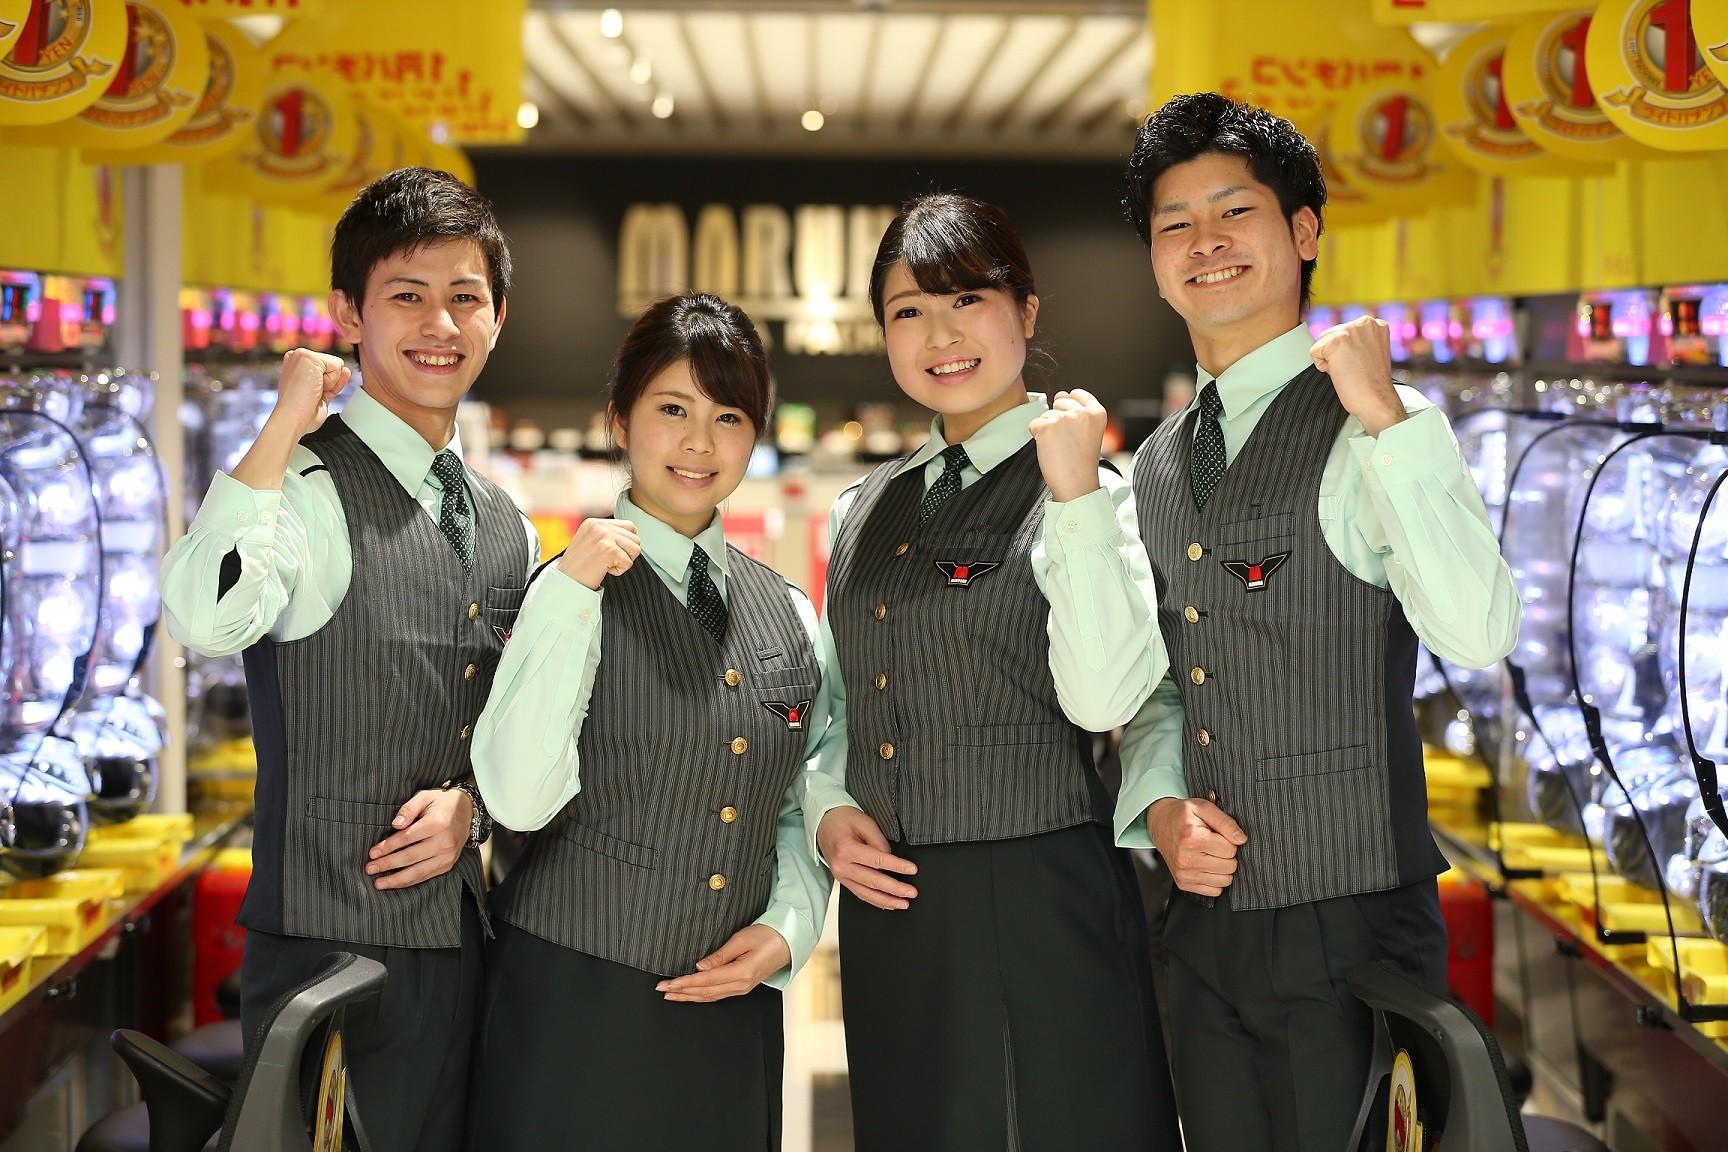 マルハン 藤枝駅南店[2120]のアルバイト情報